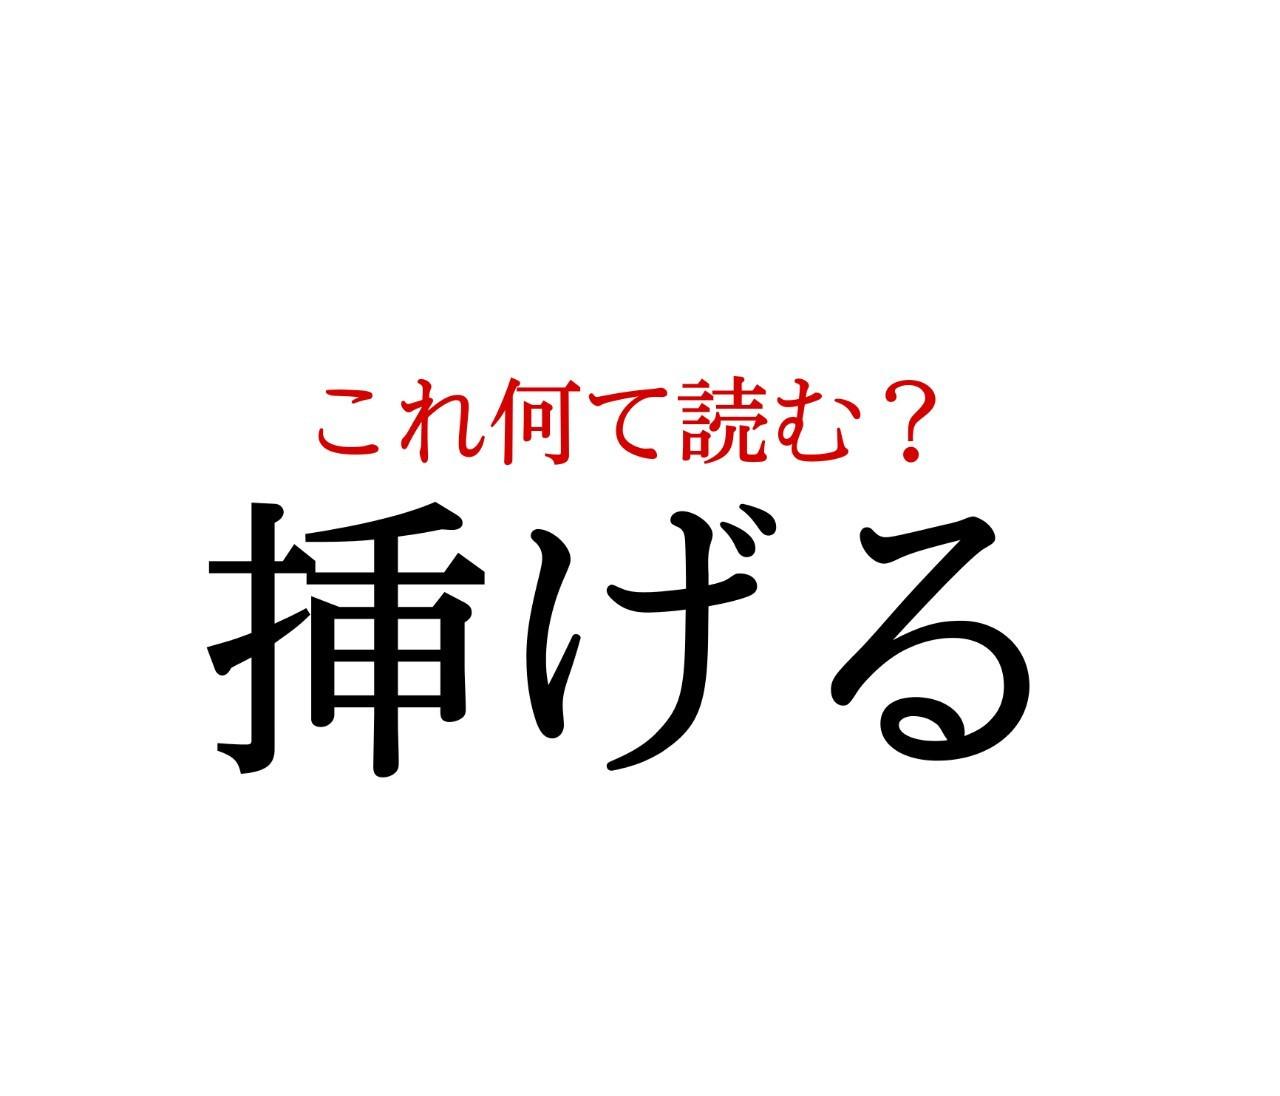 「挿げる」:この漢字、自信を持って読めますか?【働く大人の漢字クイズvol.174】